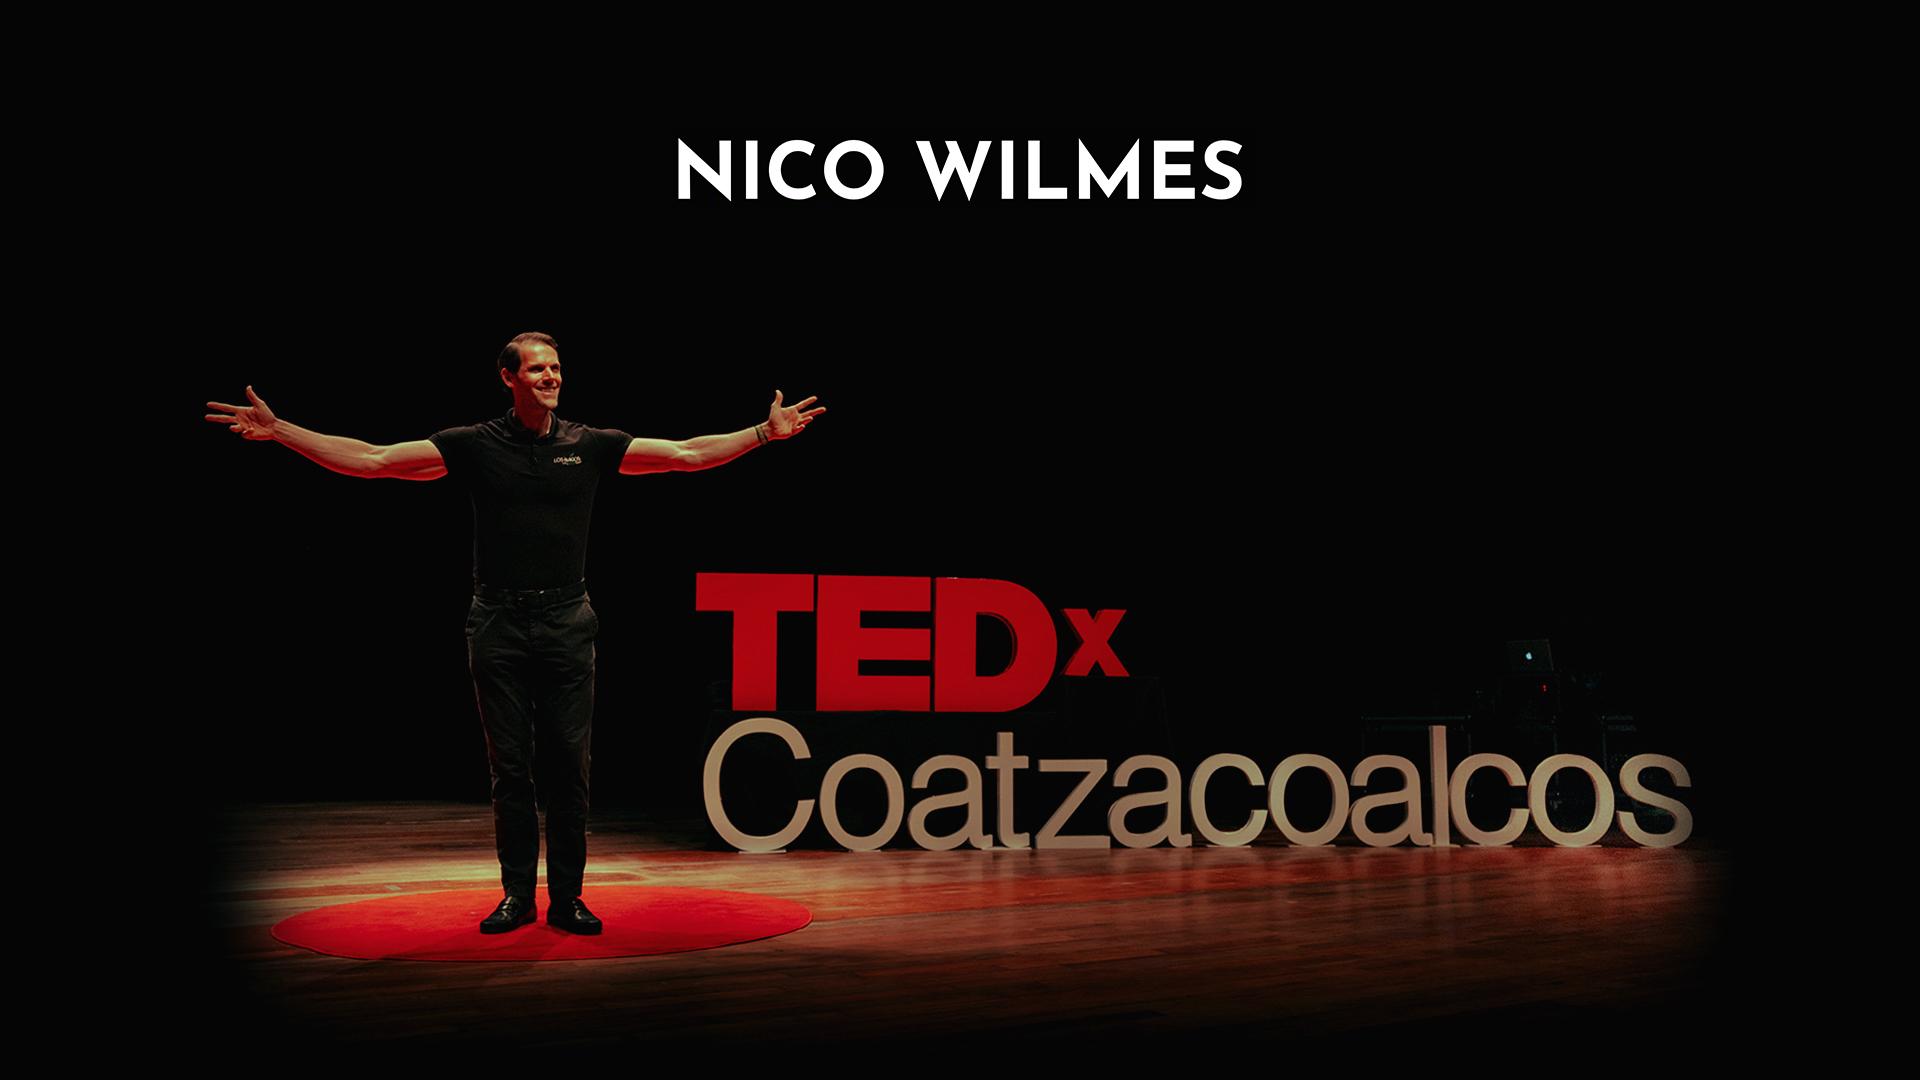 Nico Wilmes